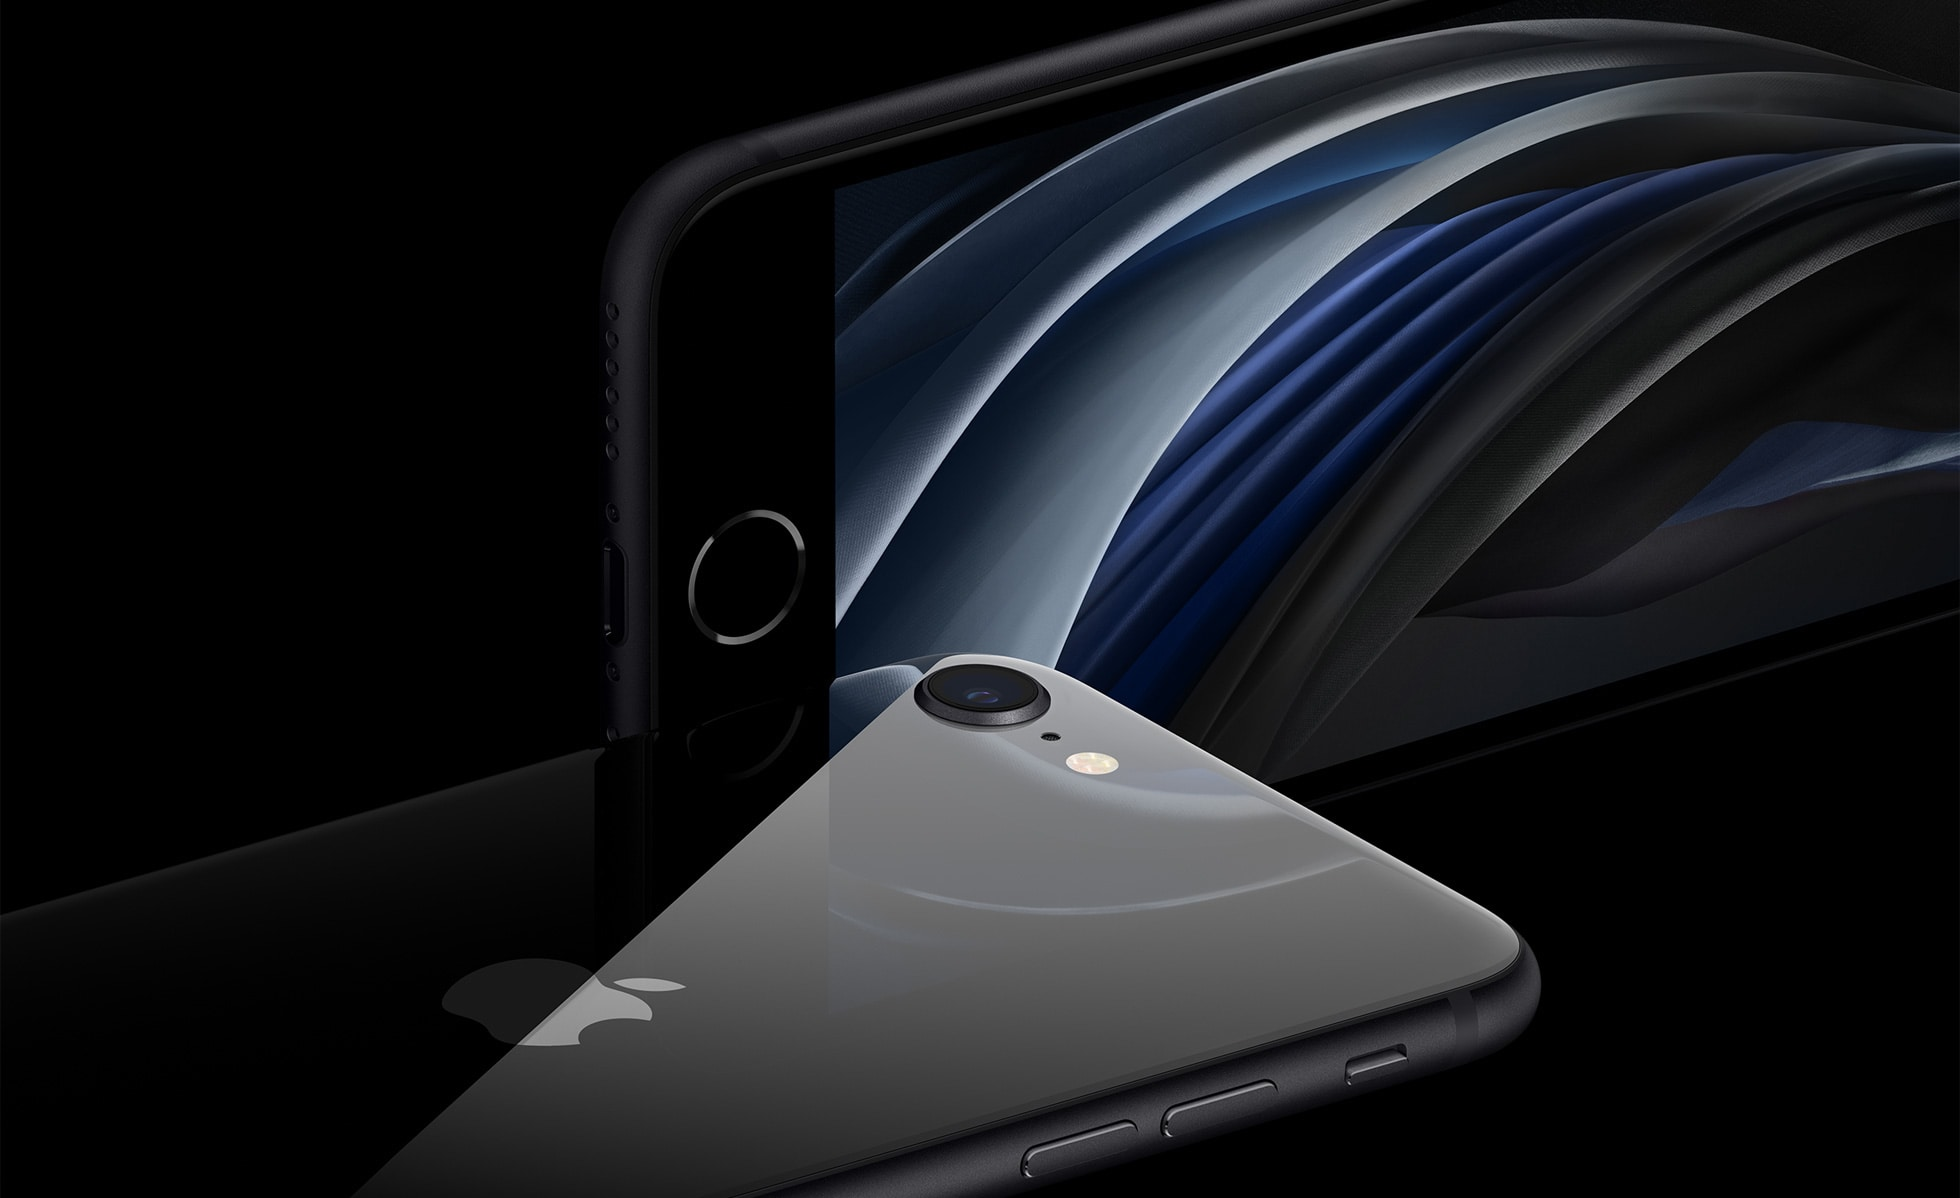 Camera iPhone SE 2020 sẽ là minh chứng về khả năng cải thiện chụp bằng phần mềm của Apple